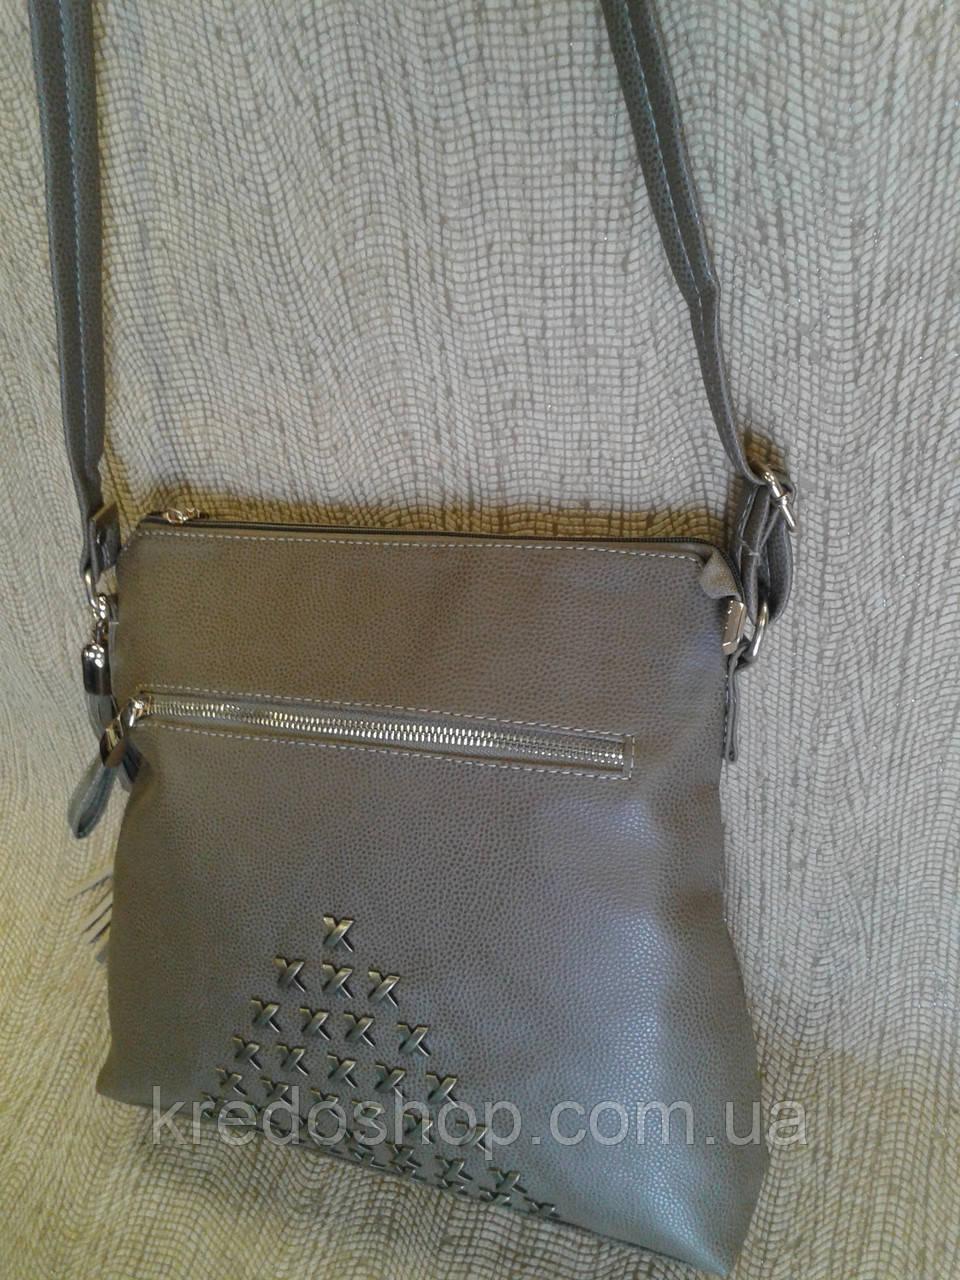 9fad0232f7b6 Сумка клатч серо-коричневый стильный молодежный (Турция), цена 380 грн.,  купить в Кривом Роге — Prom.ua (ID#583706944)